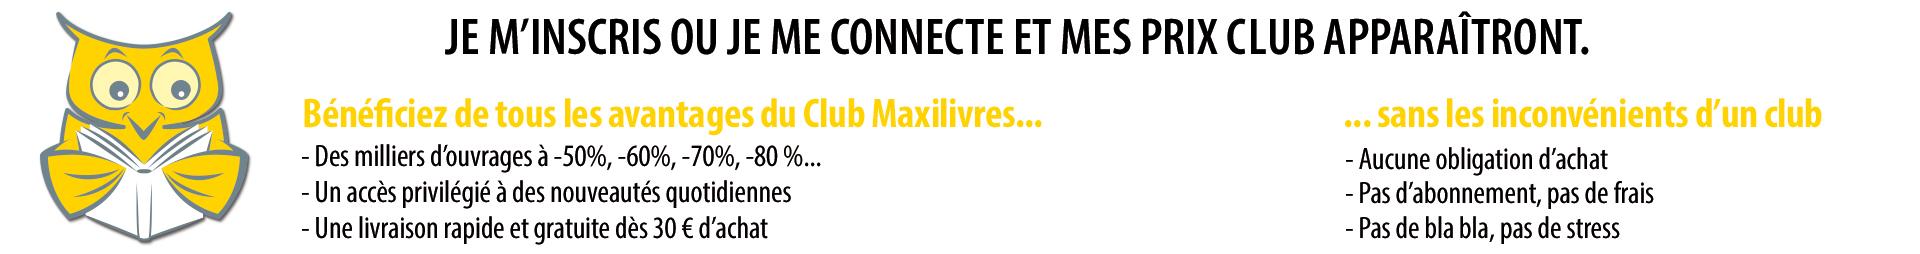 Maxilivres, Le club